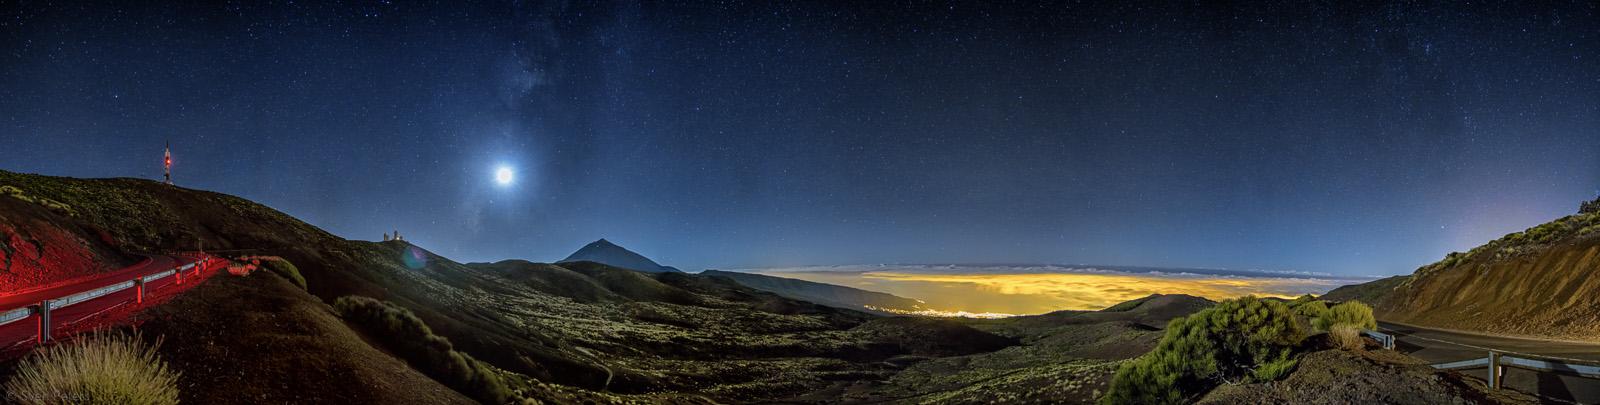 Teide-Nationalpark und Observatorium